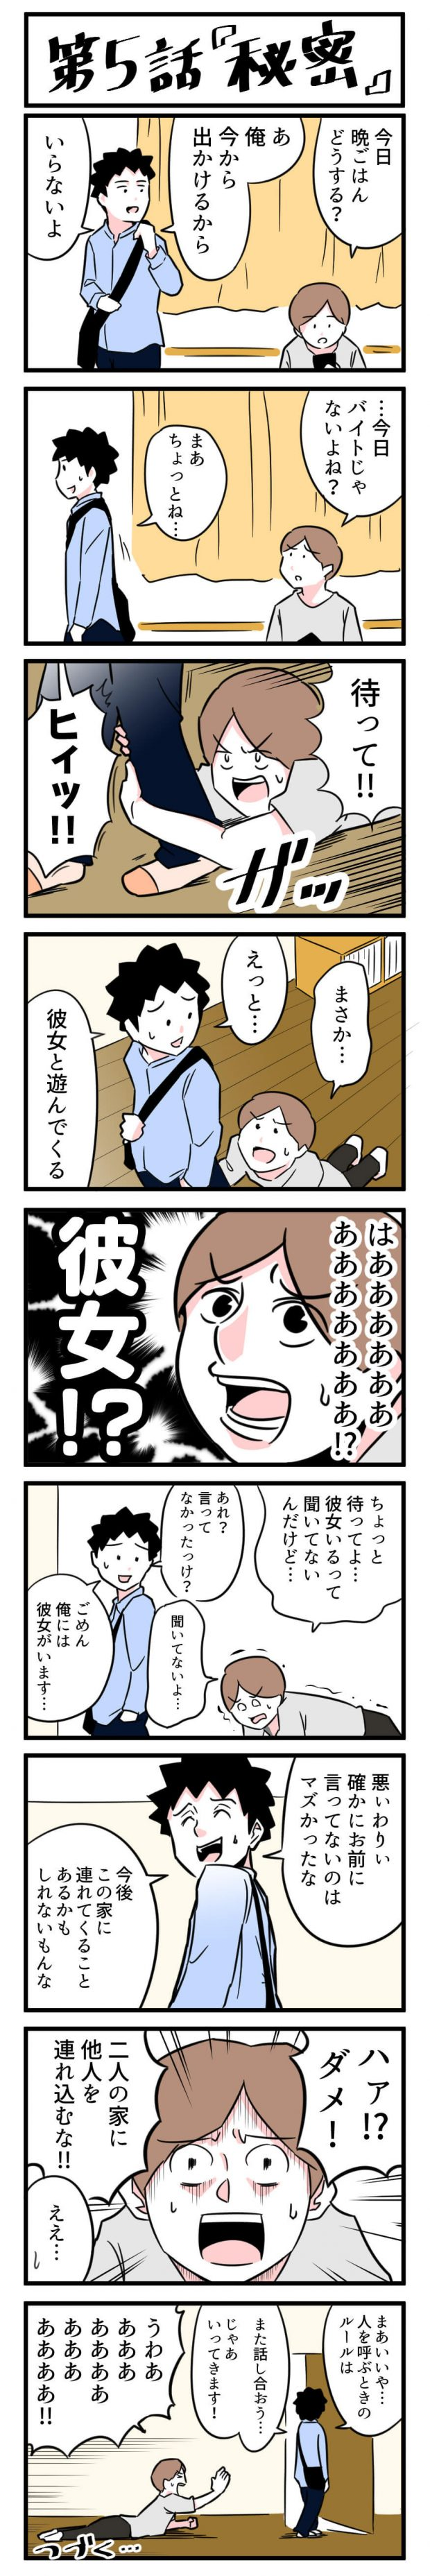 森もり子 俺と僕 漫画 マンガ BL